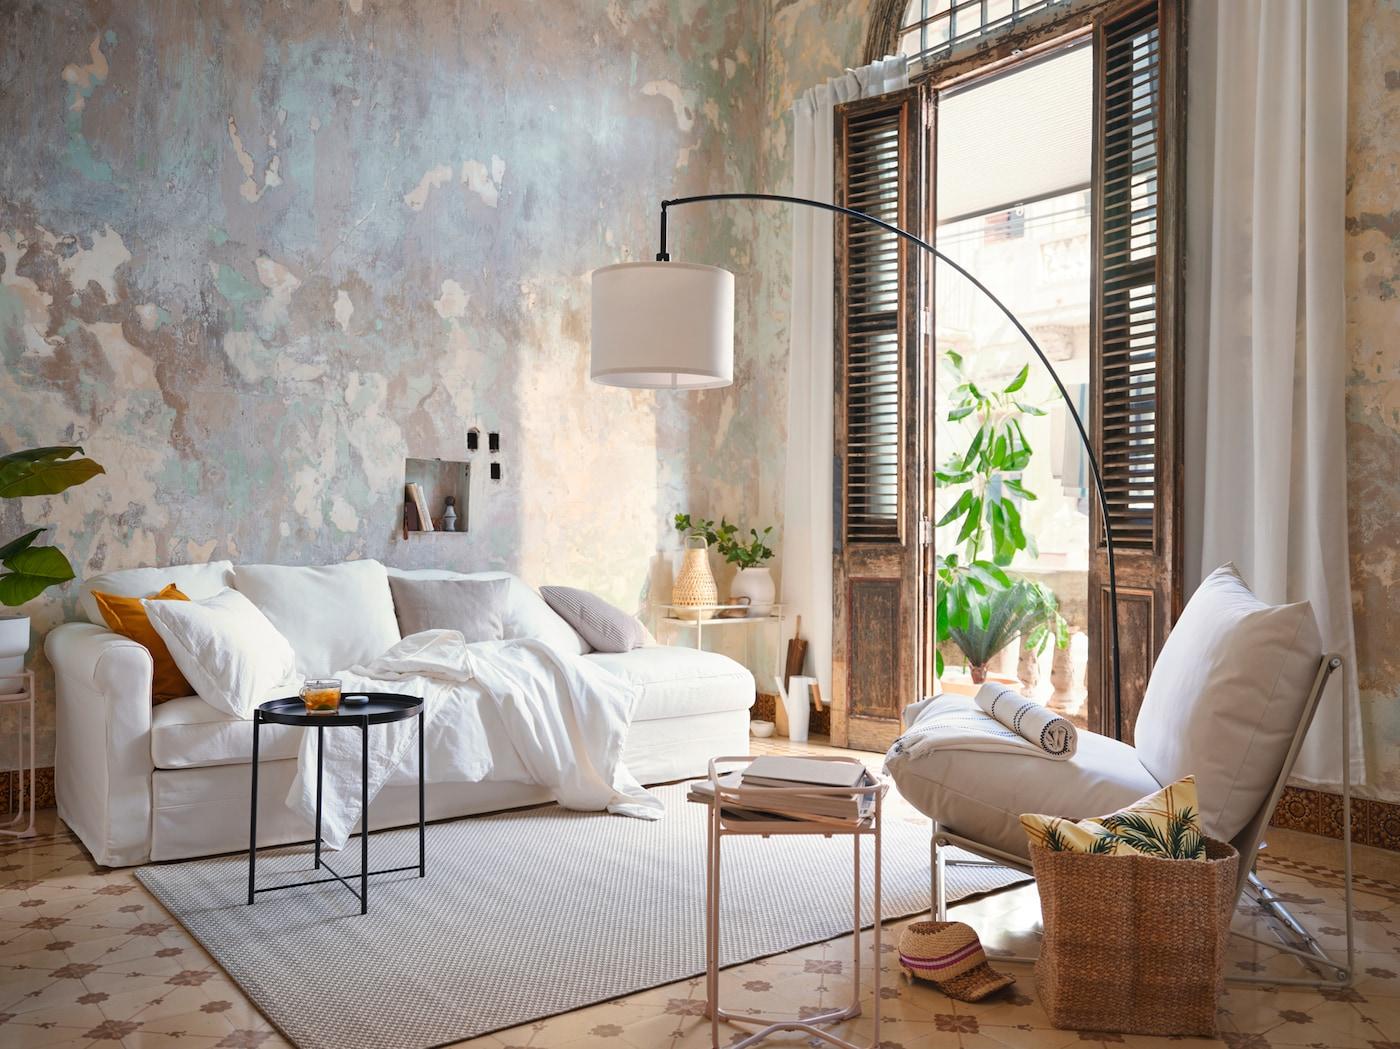 Lien vers le blogue IDEAS «Offrez-vous une retraite à l'intérieur comme à l'extérieur» – image d'un canapé blanc dans un salon neutre ensoleillé.